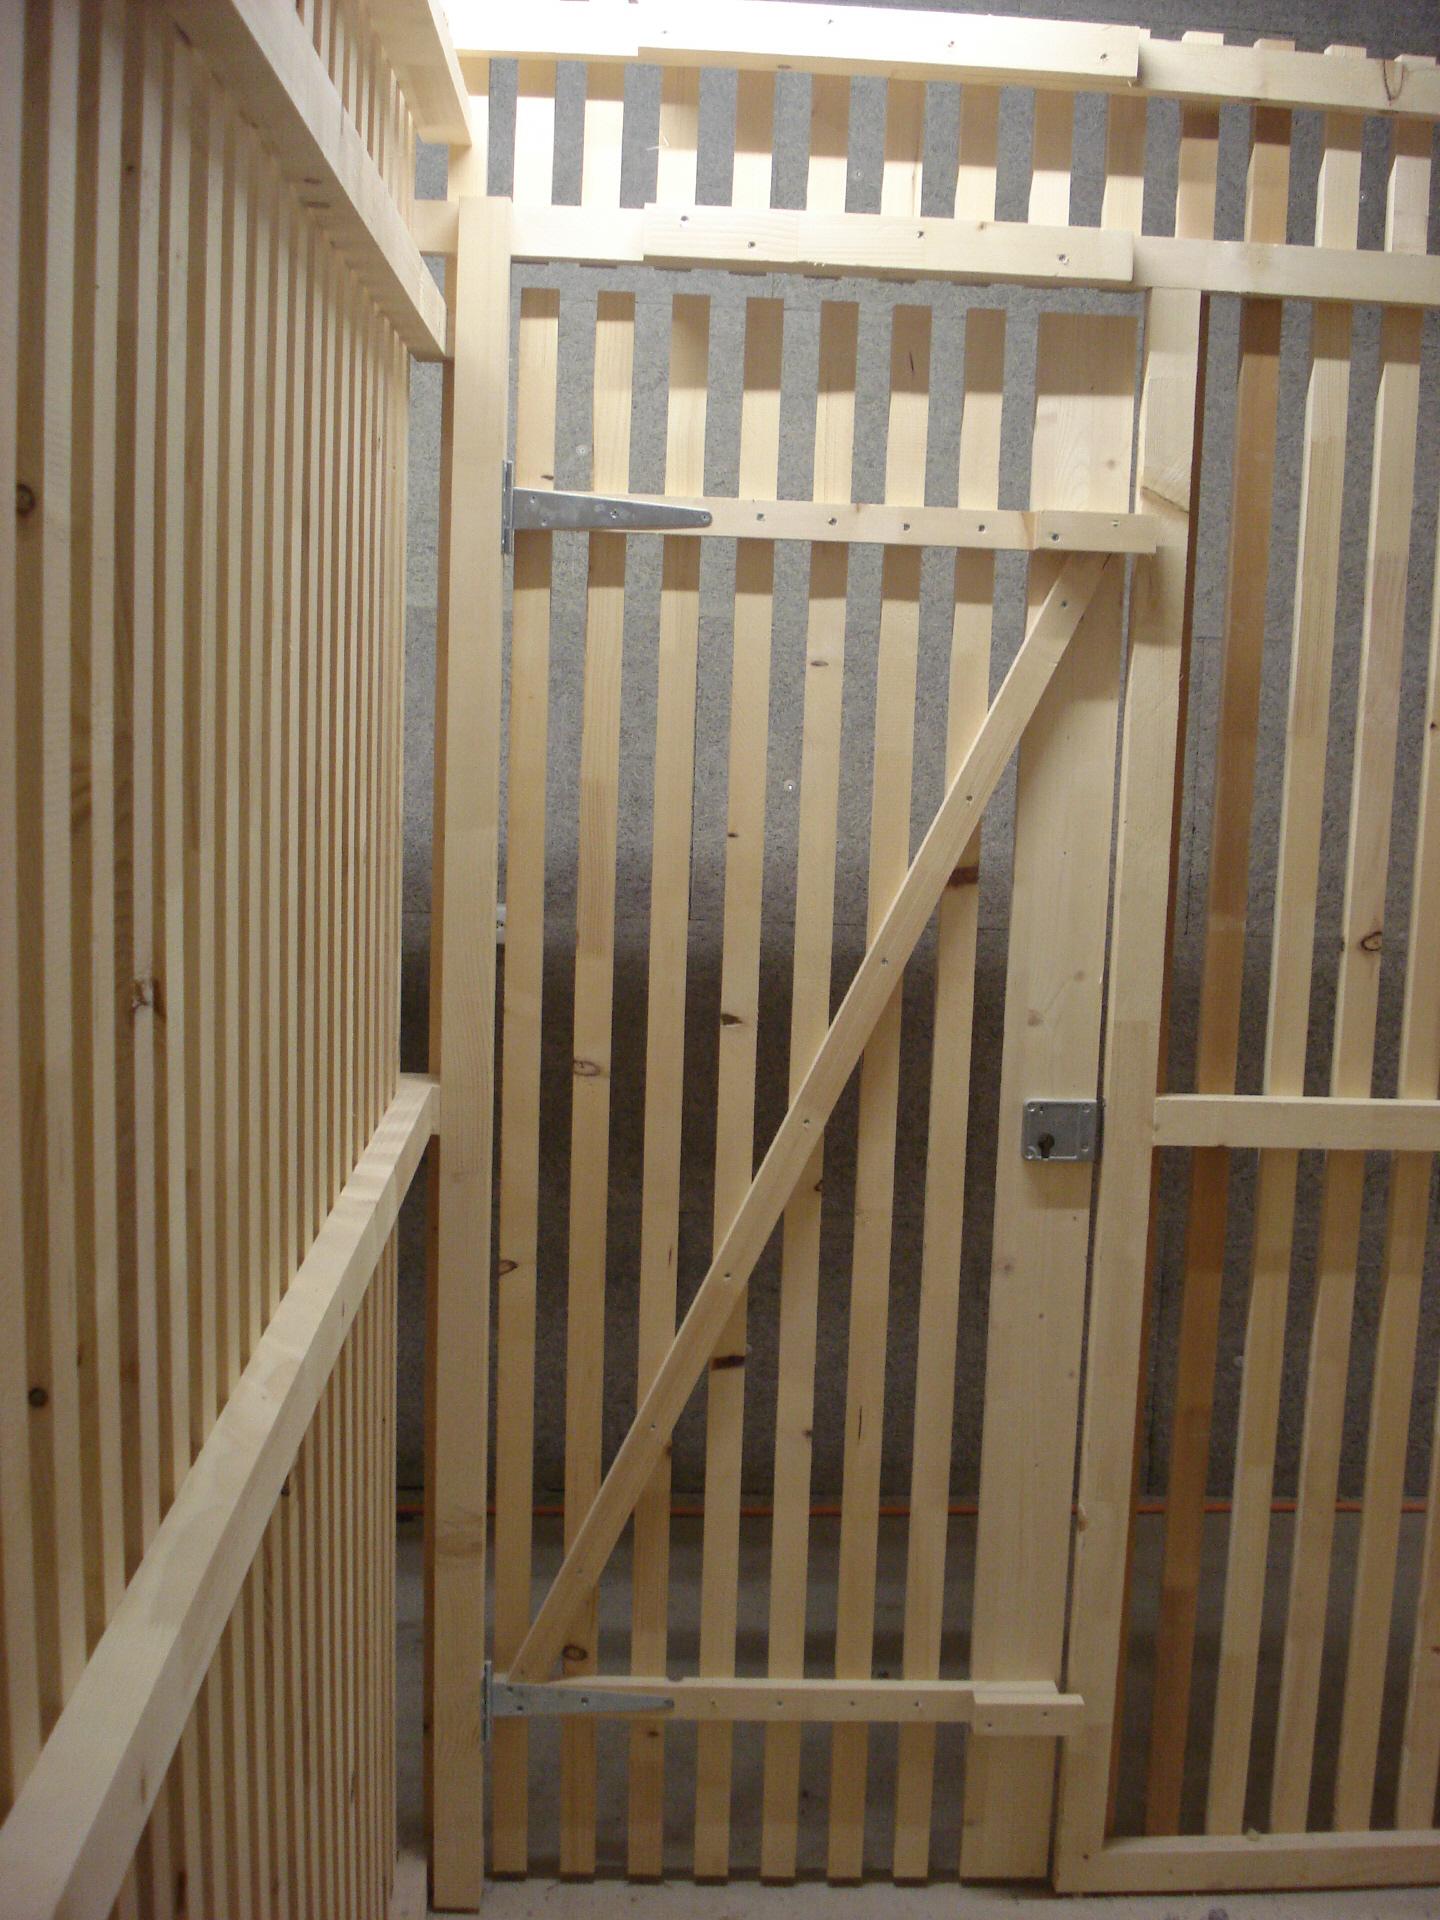 keller selber bauen keller selber bauen was kommt da auf. Black Bedroom Furniture Sets. Home Design Ideas